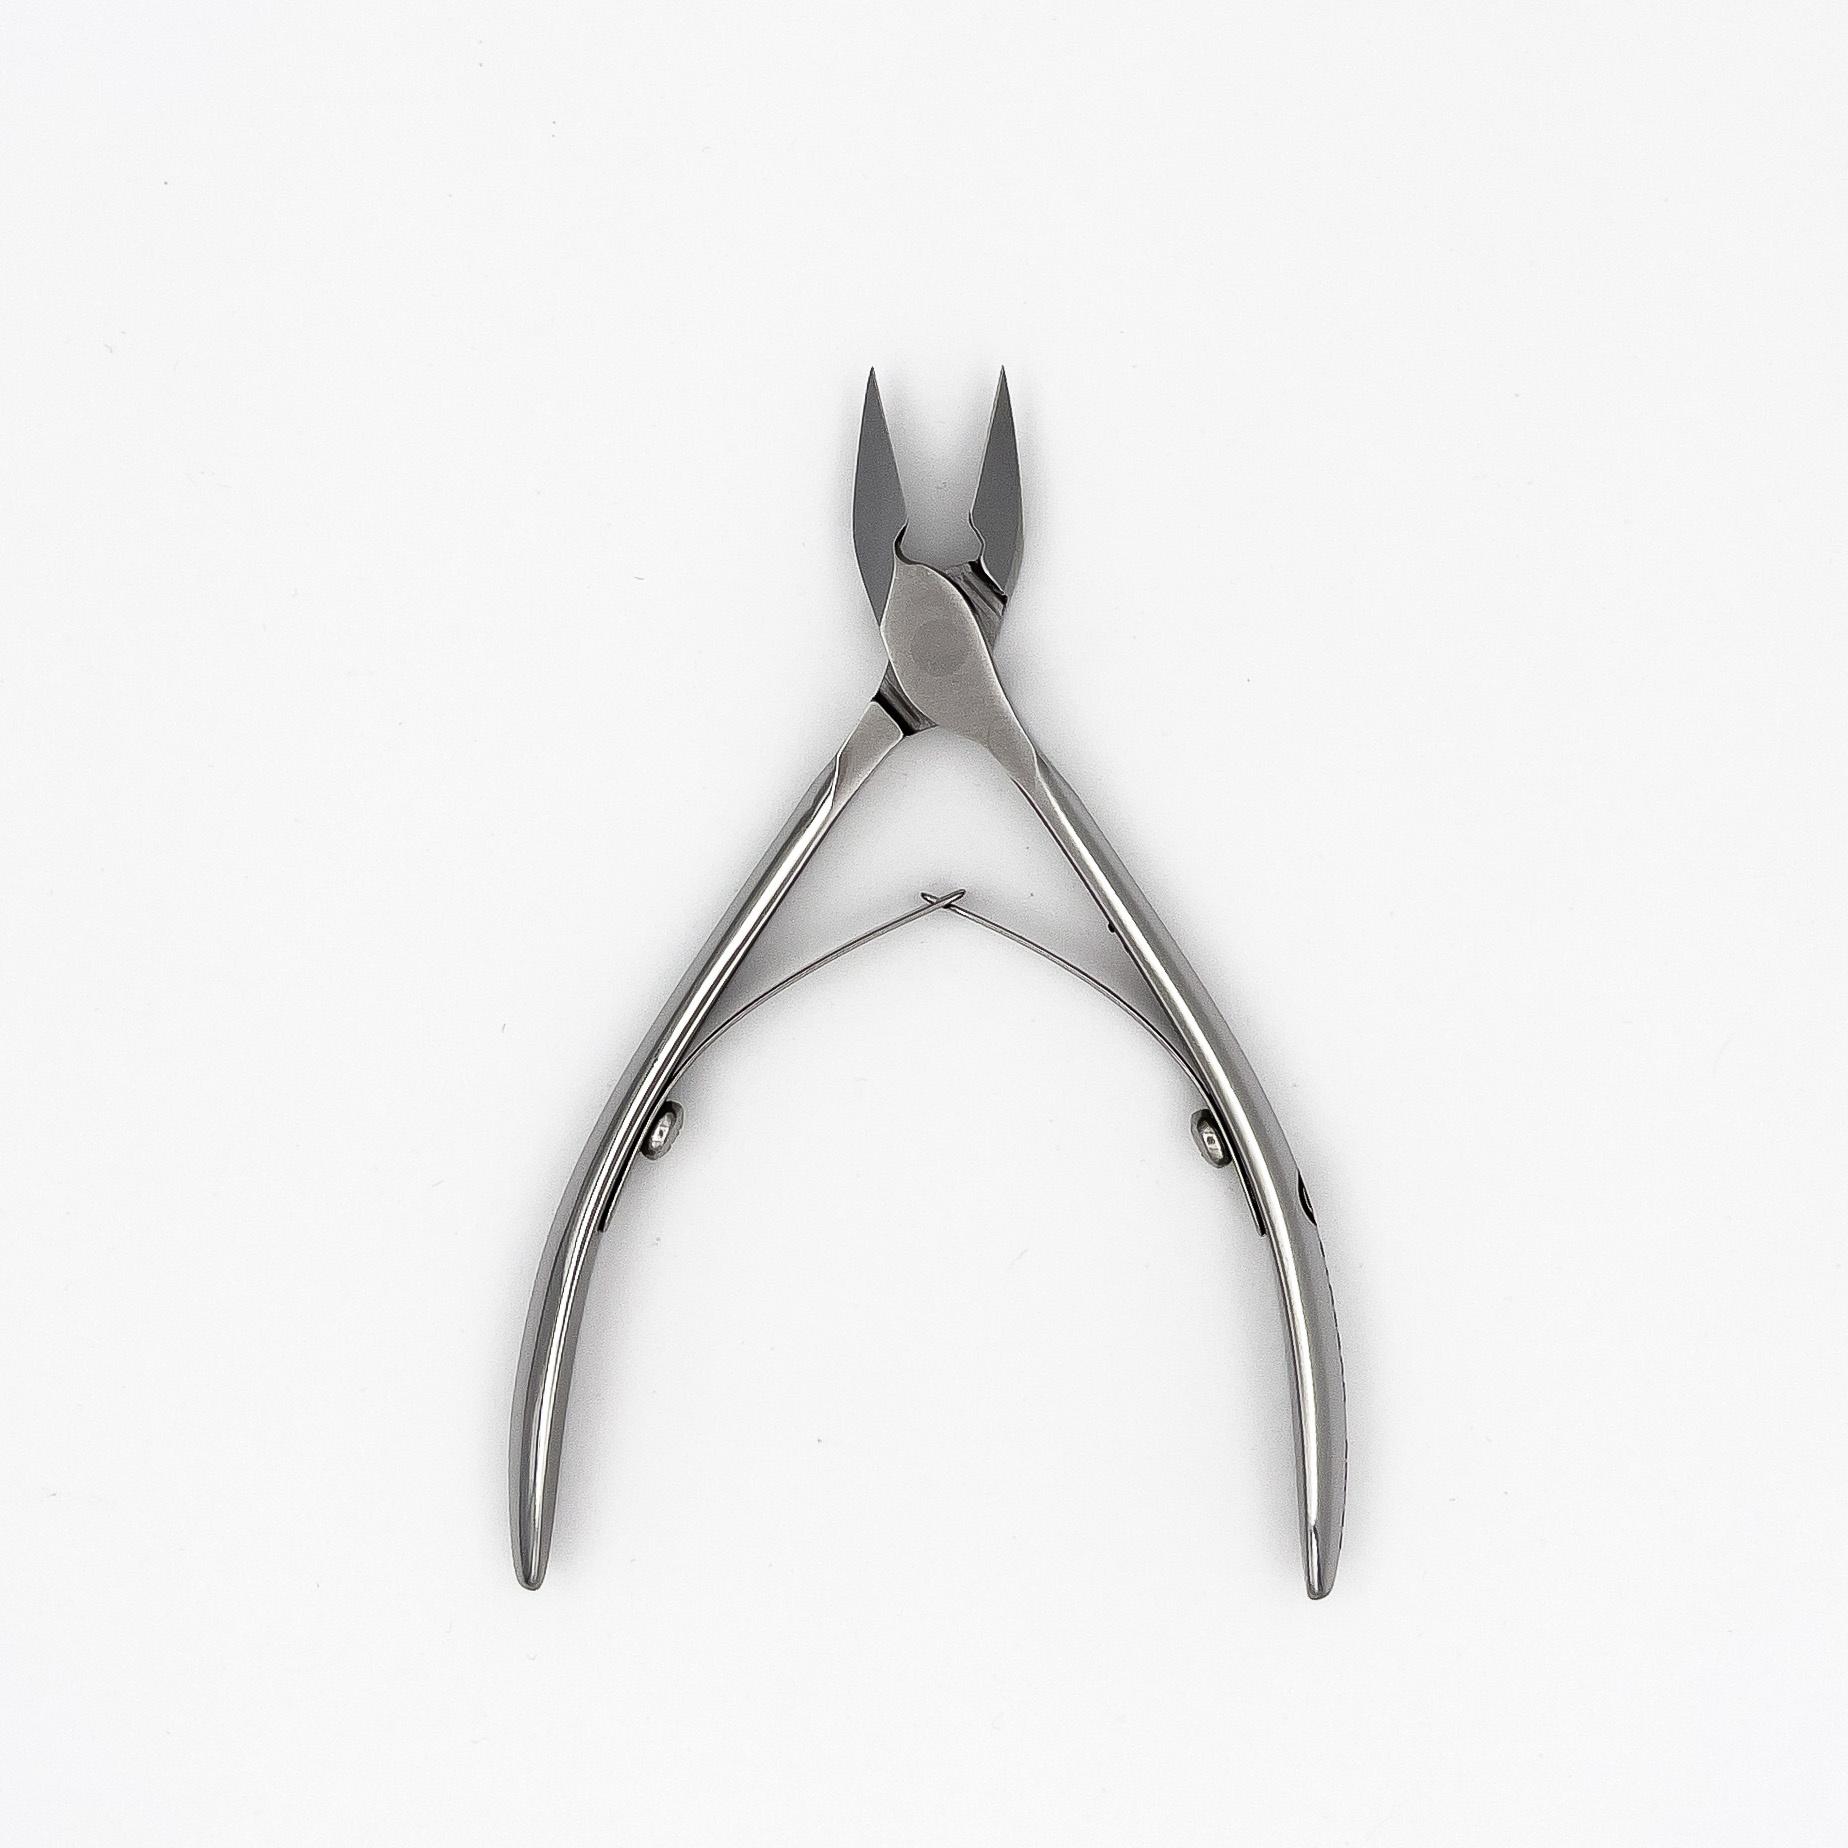 STALENA Pince à ongles incarnés - bec oblique 14 mm KM-05 (N3-61-14)